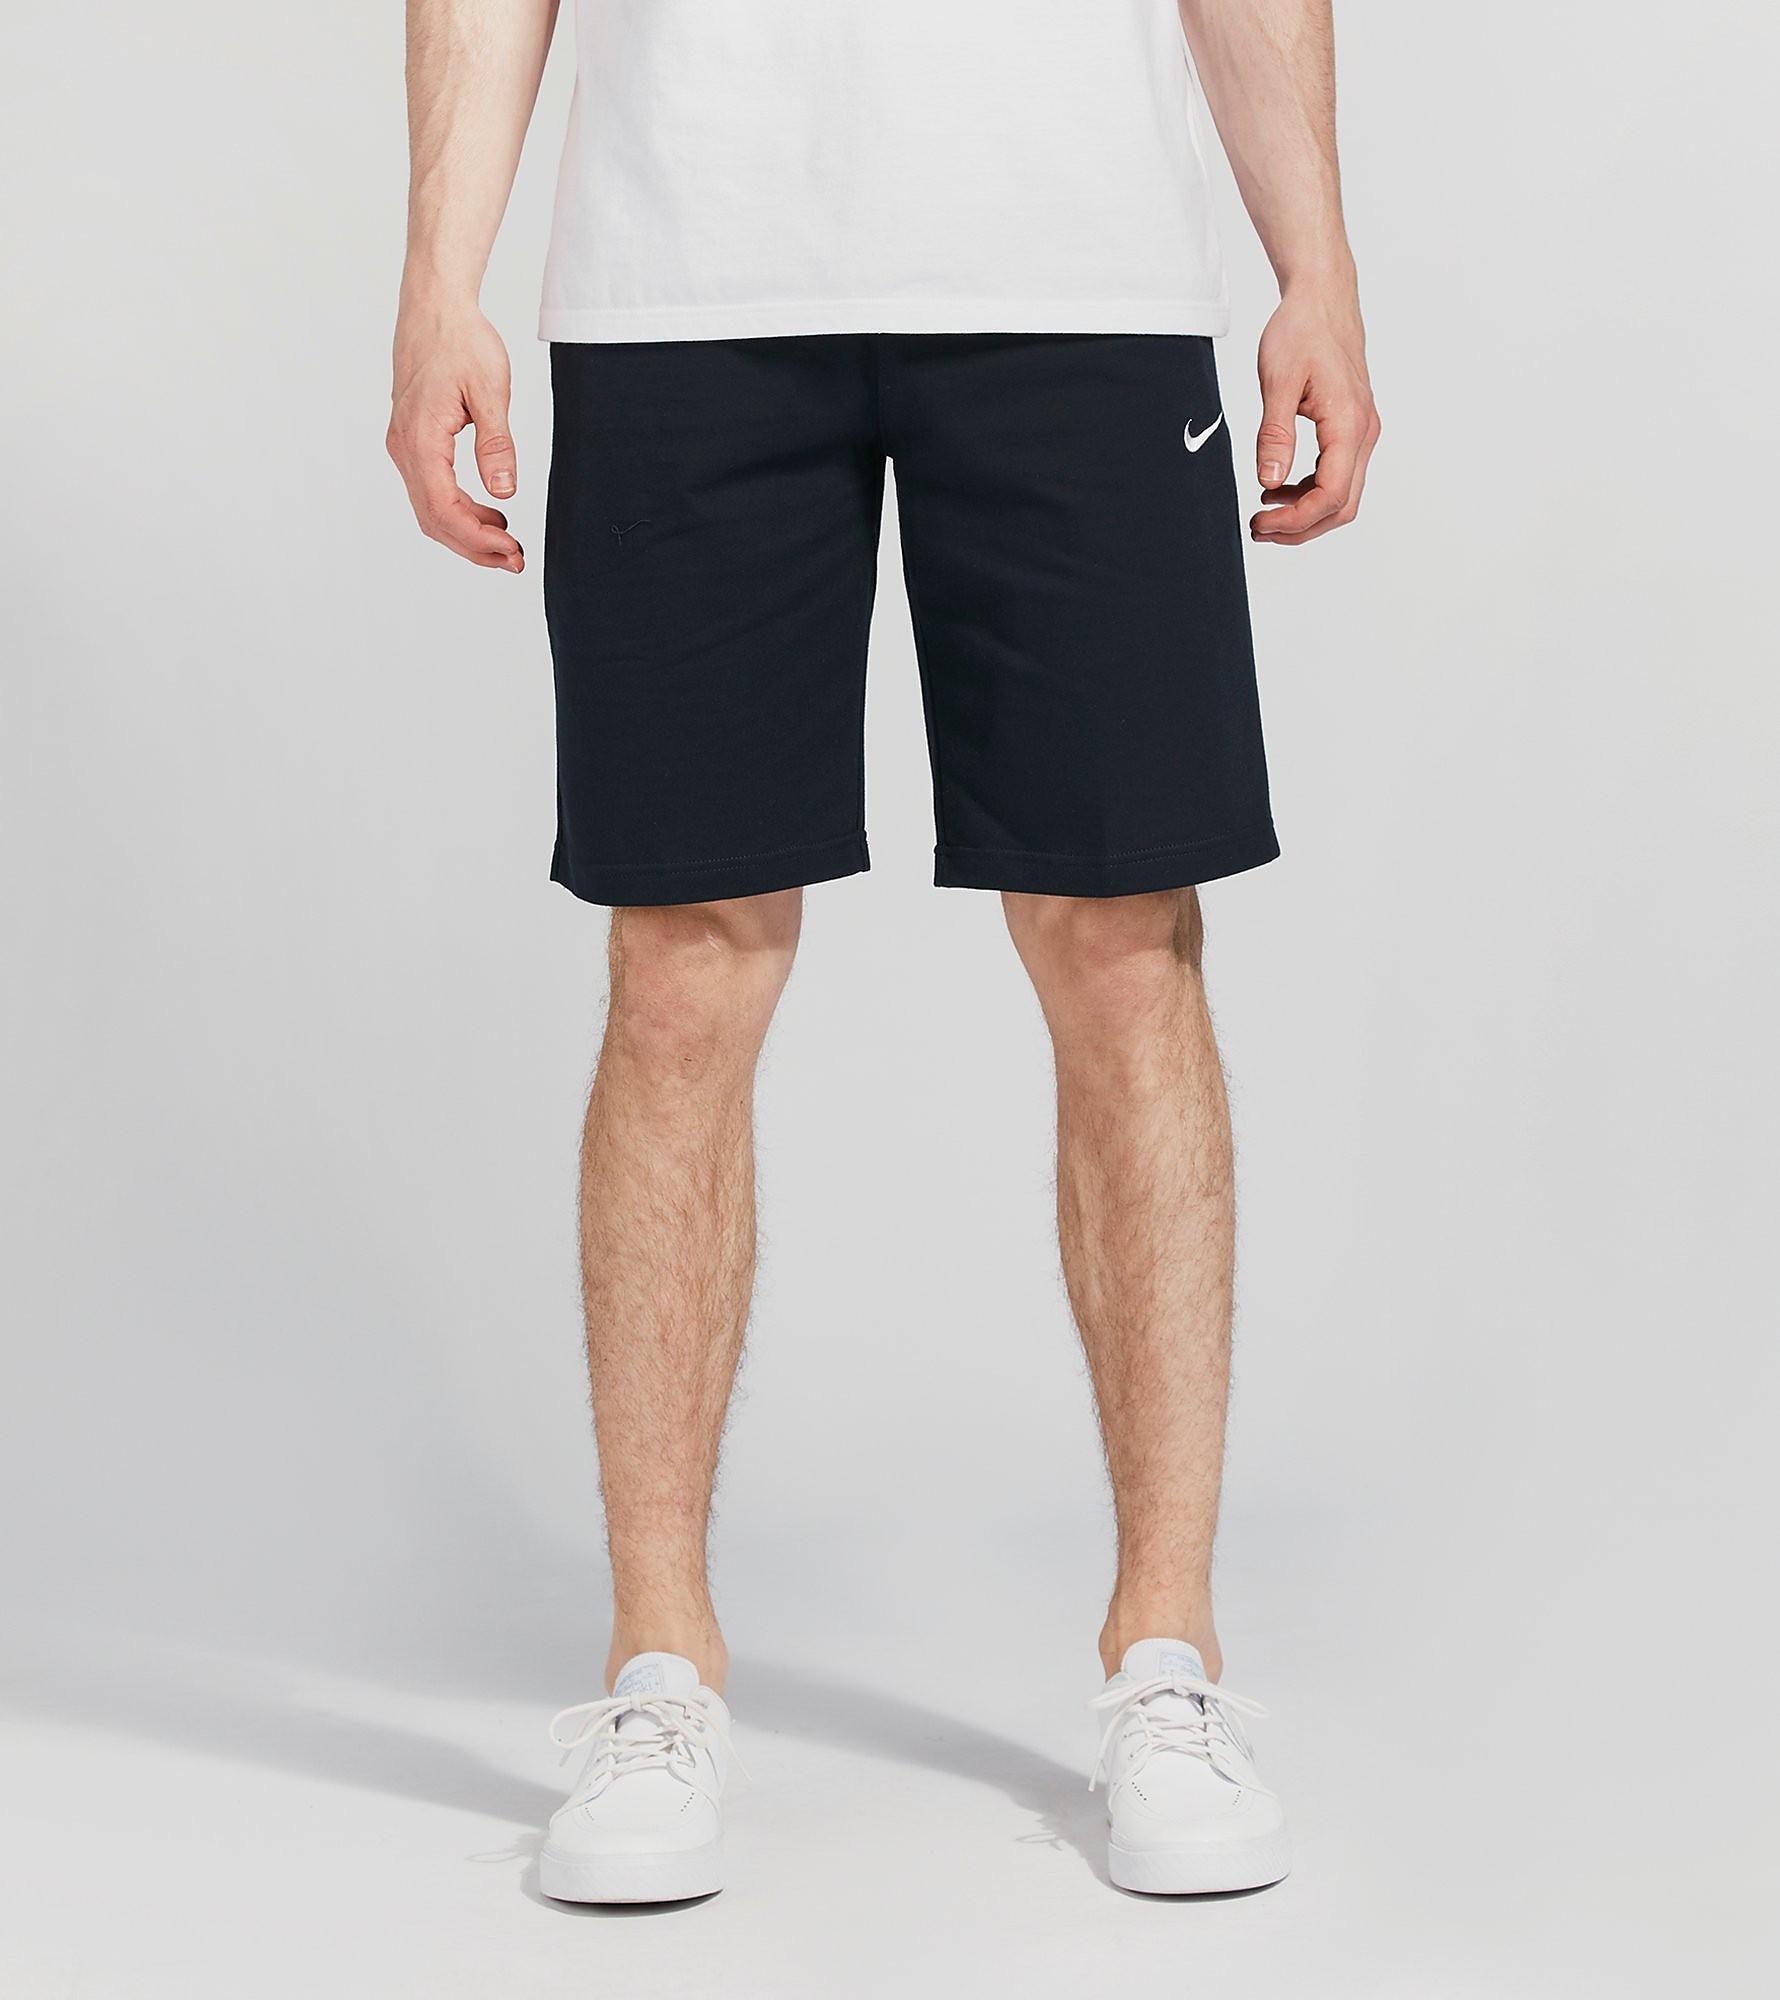 Nike Blue Label Fleece Shorts